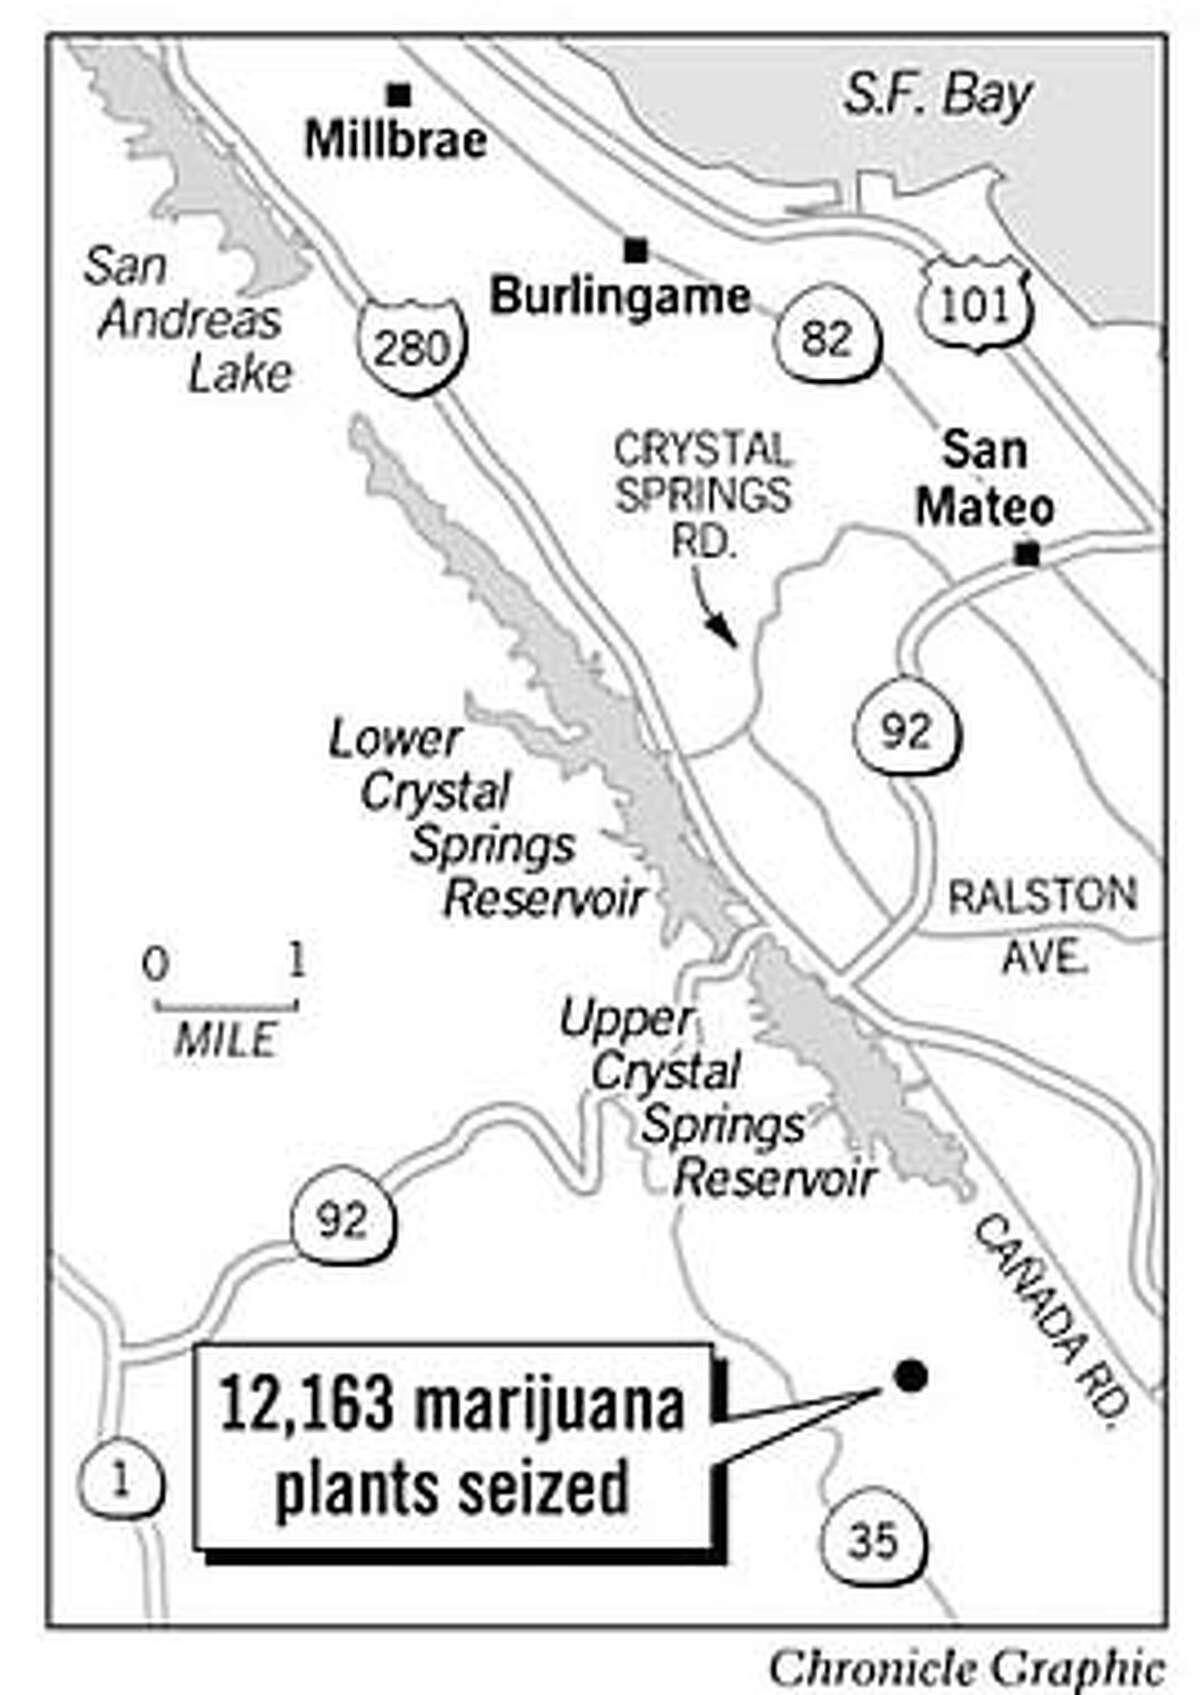 12,163 marijuna plants seized. Chronicle graphic